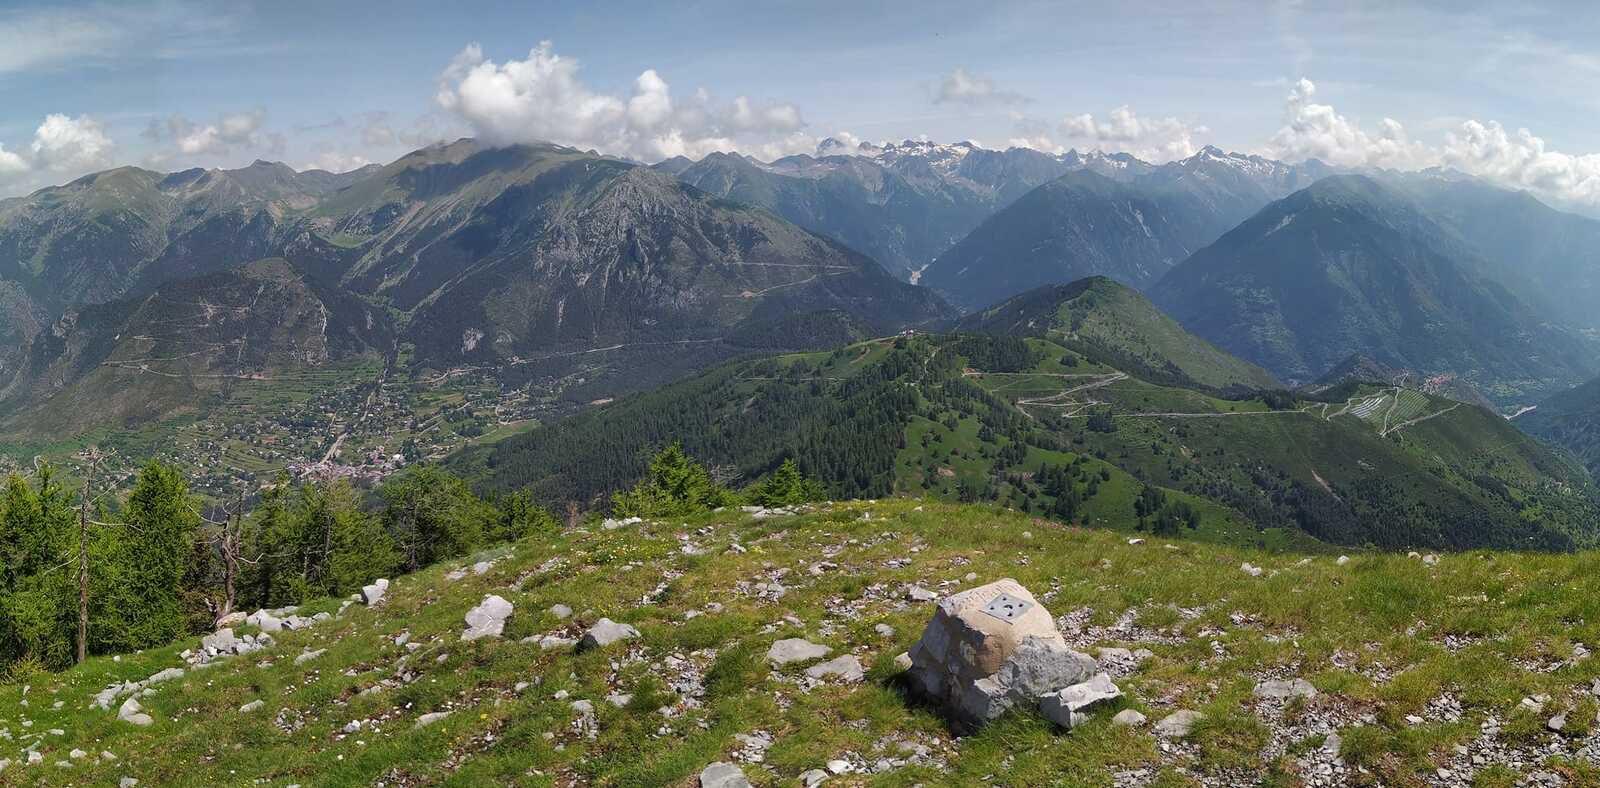 Point de vue depuis le sommet